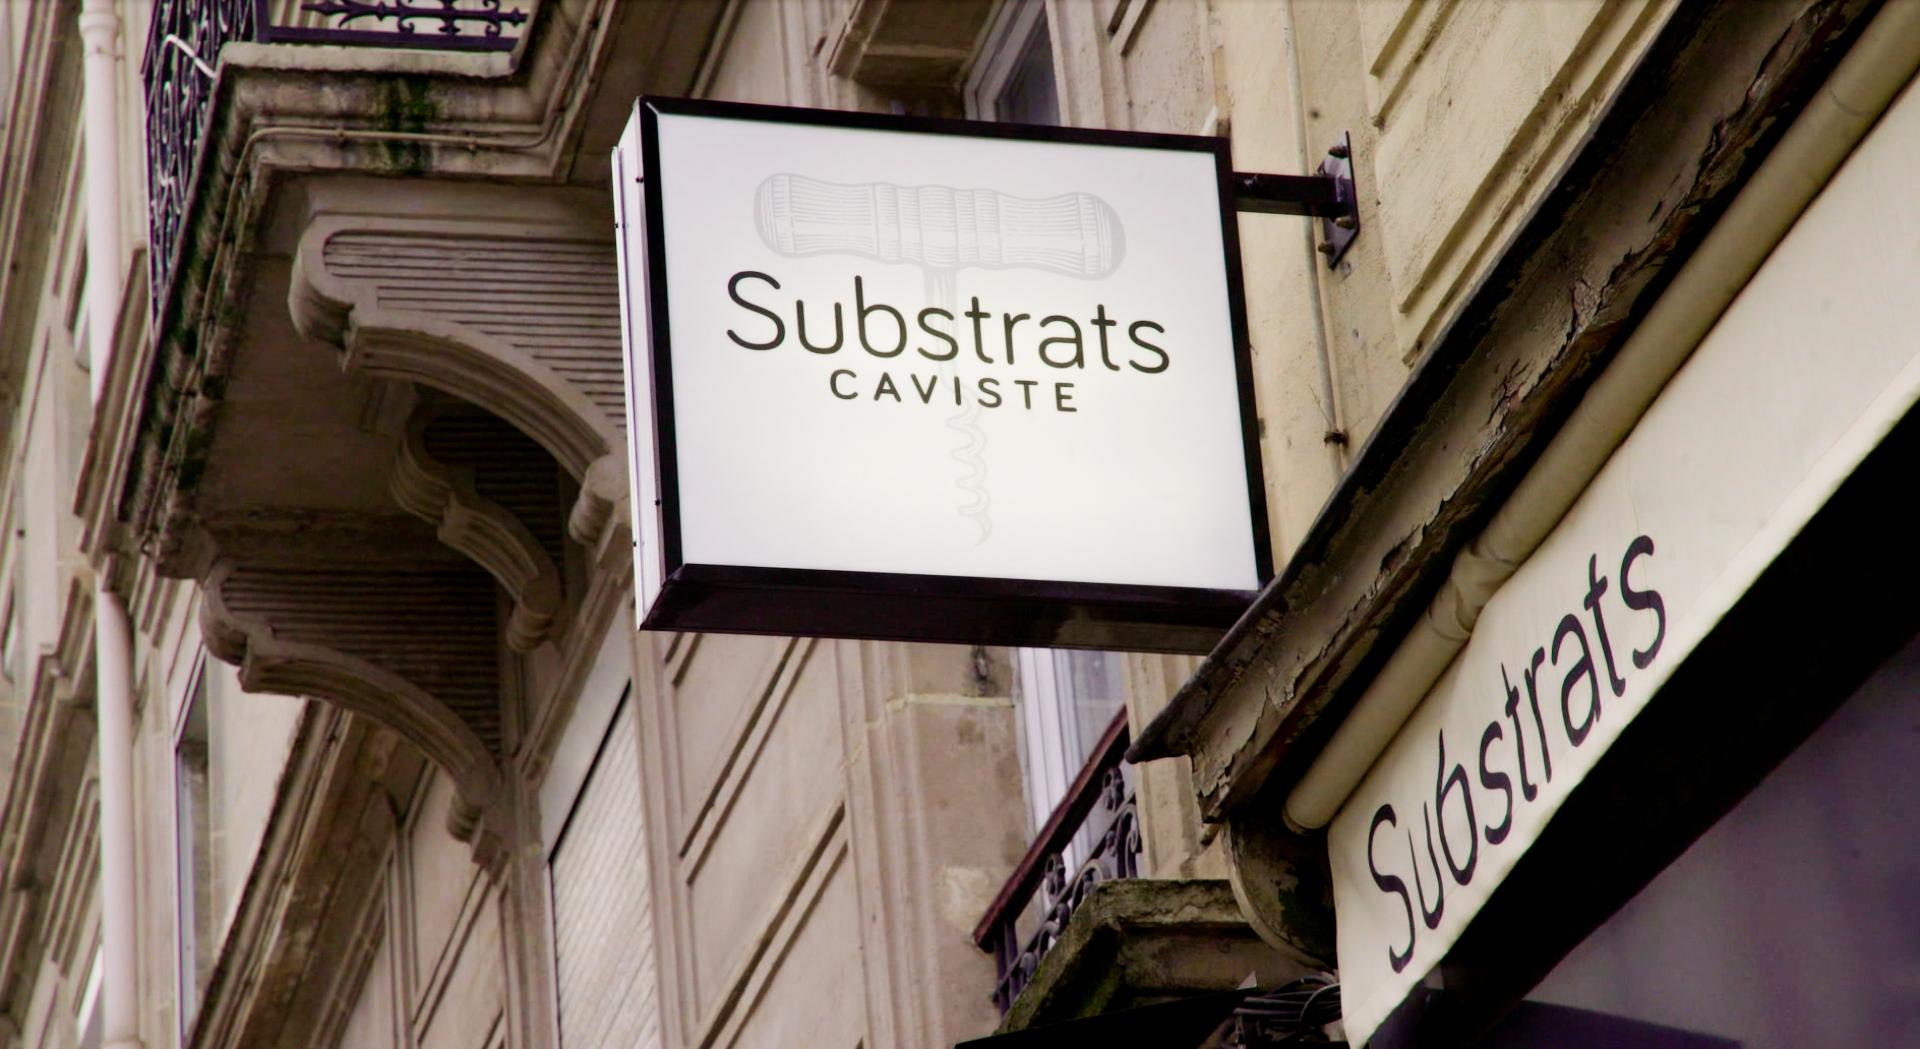 SUBSTRATS 0